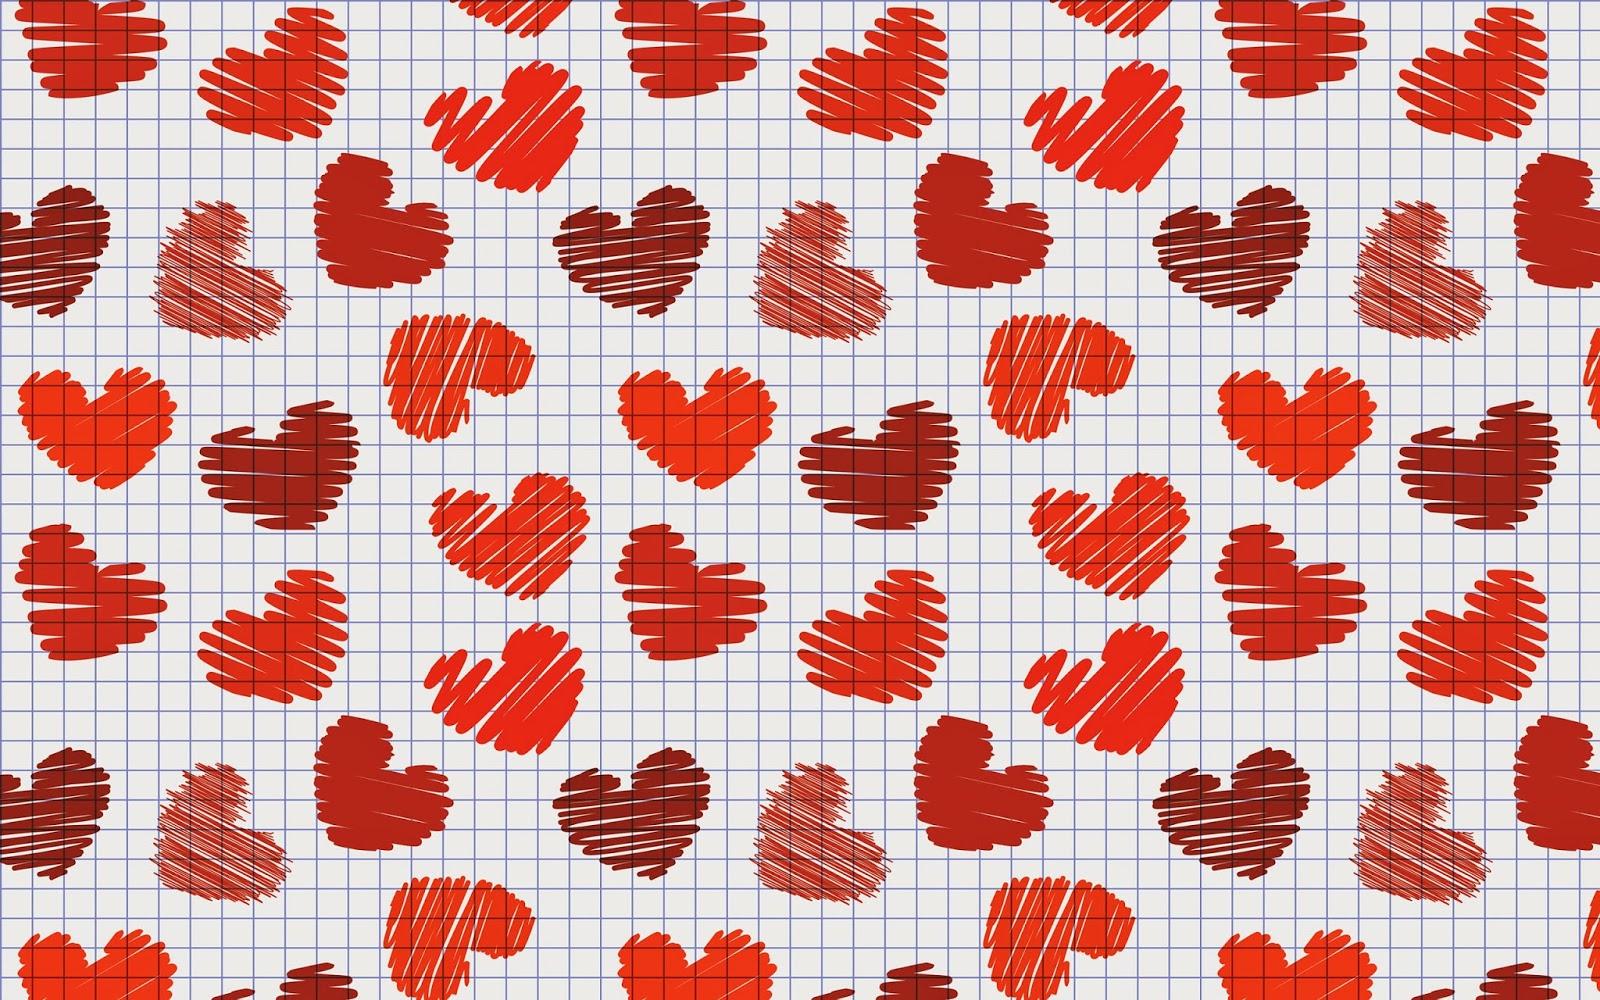 Fondos De Pantalla San Valentin Gratis: Fondos De Pantalla Y Mucho Más